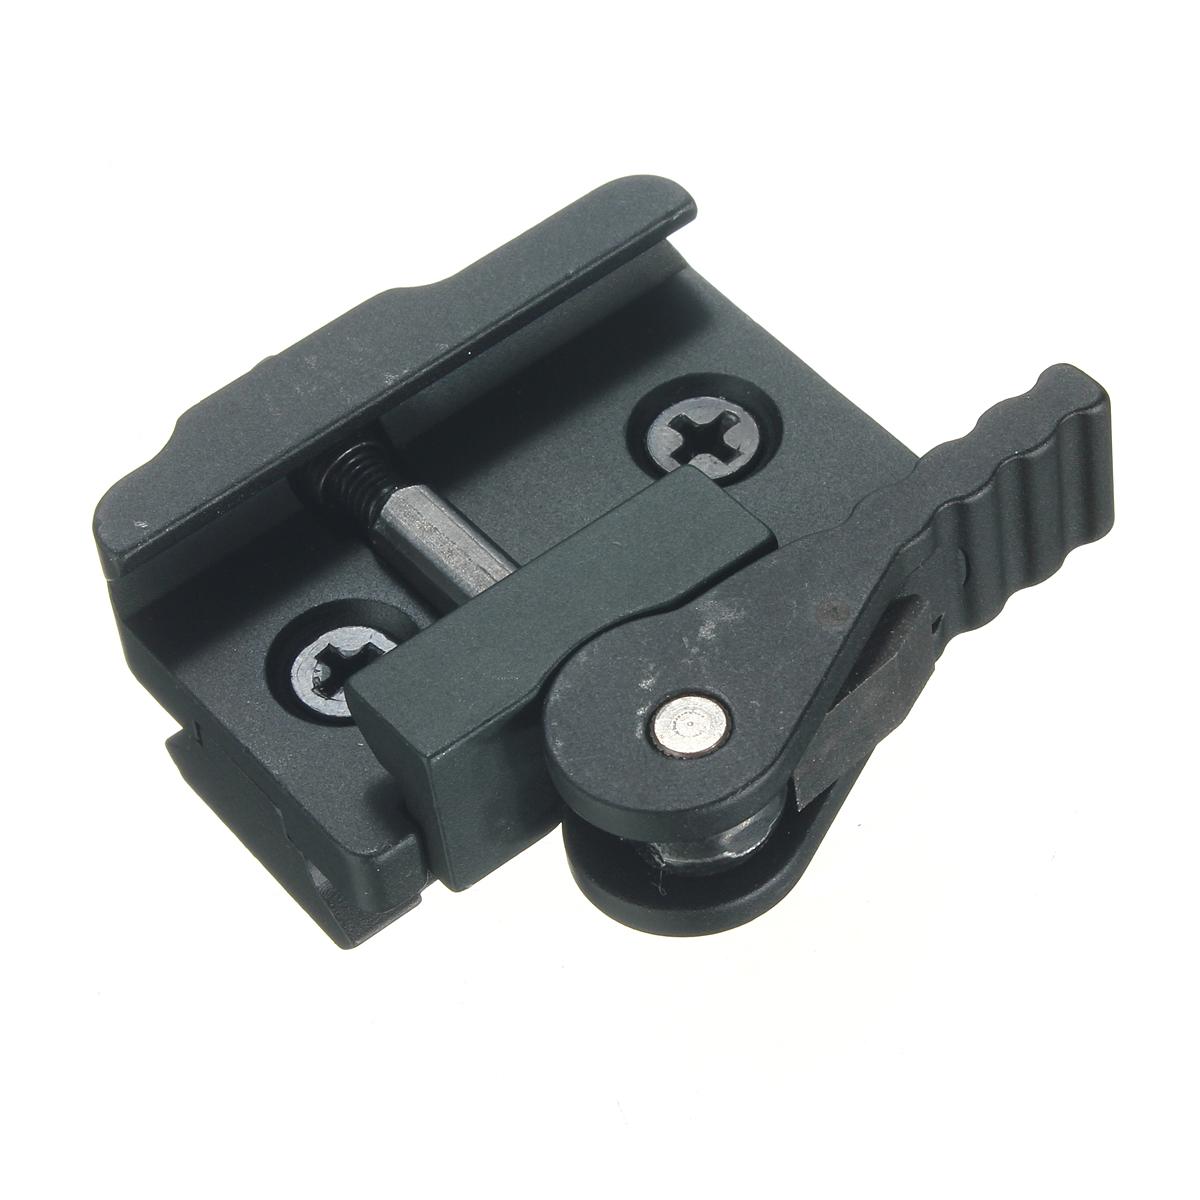 Aluminum compact tactical qd quick release mount adapter